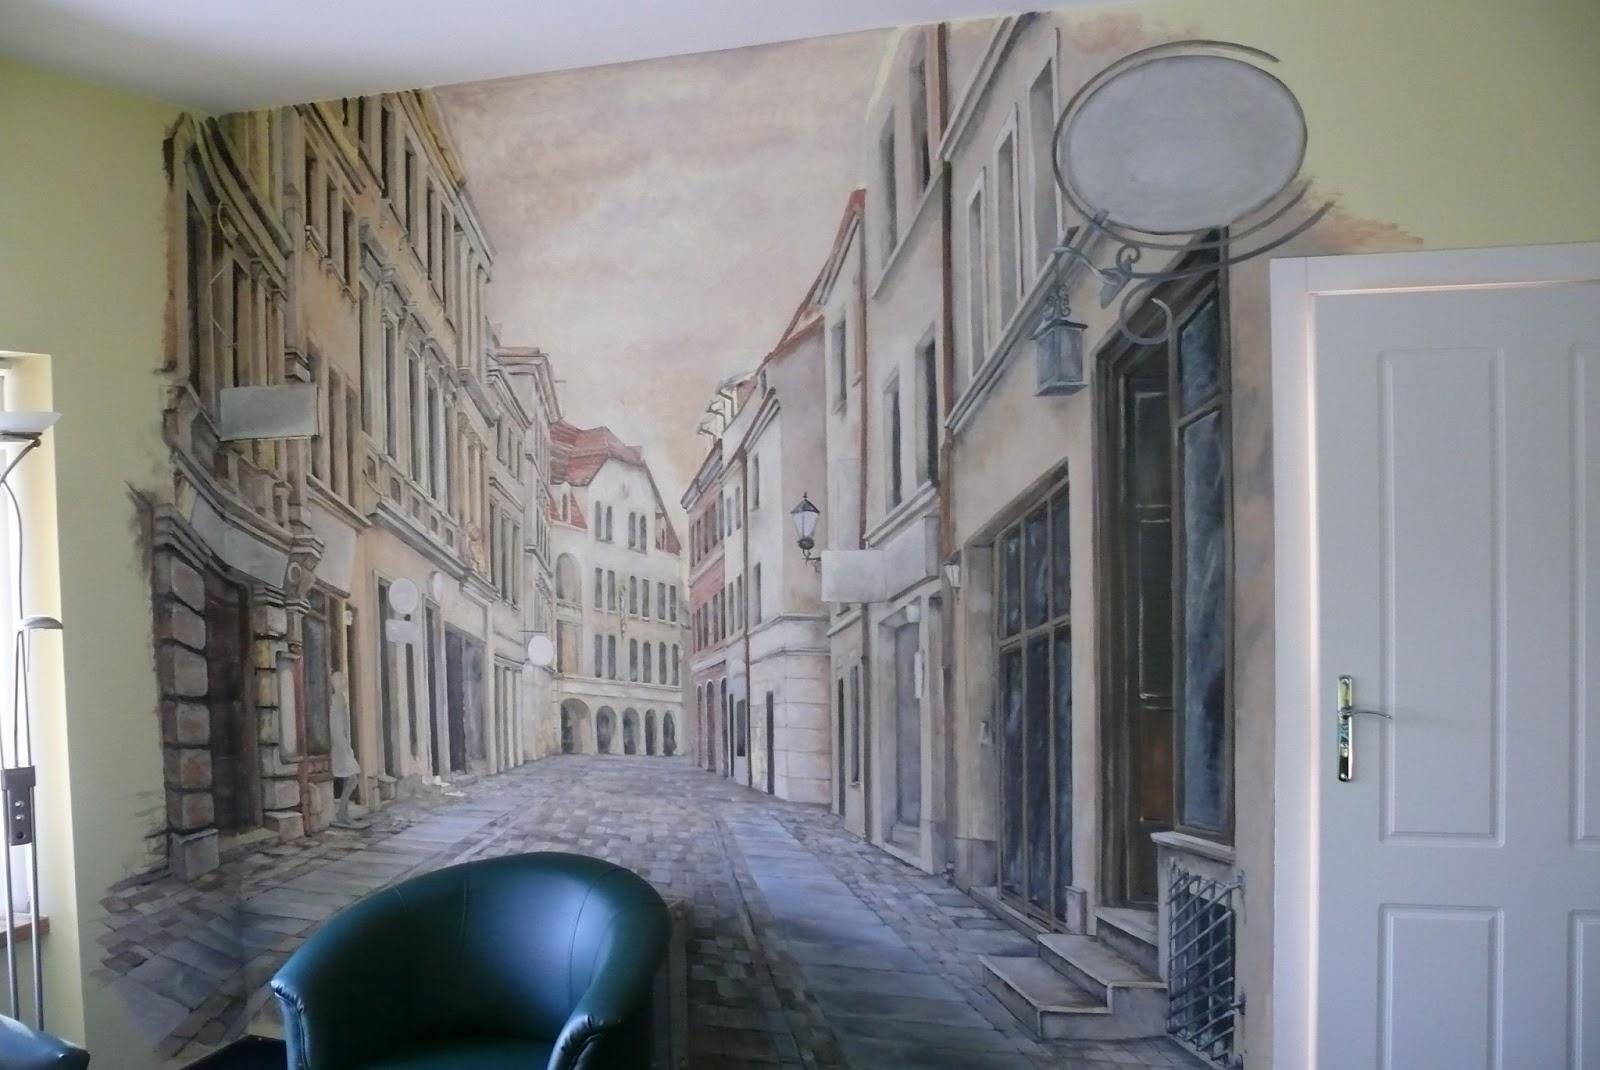 Artystyczne malowanie ściany w gabinecie, malowanie obrazu na ścianie